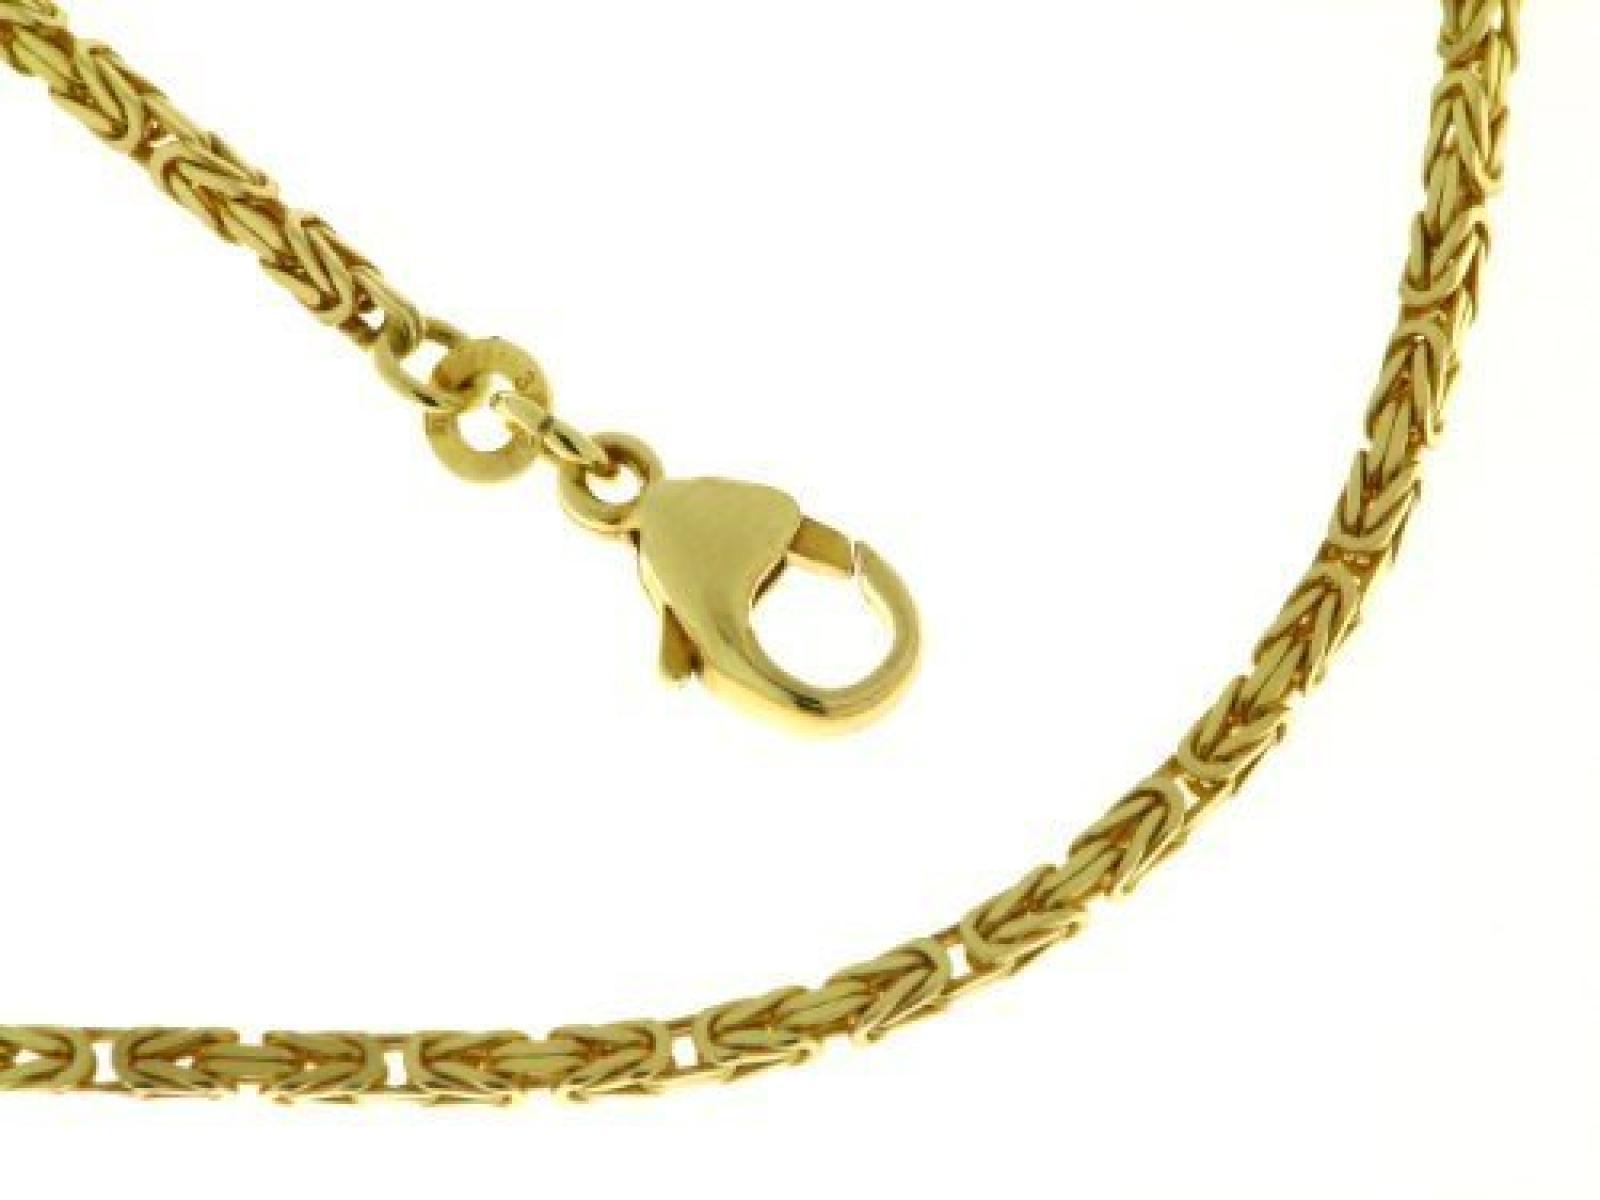 BOB C. Königskette quadratisch 1,8 mm 585er Gelbgold 122203